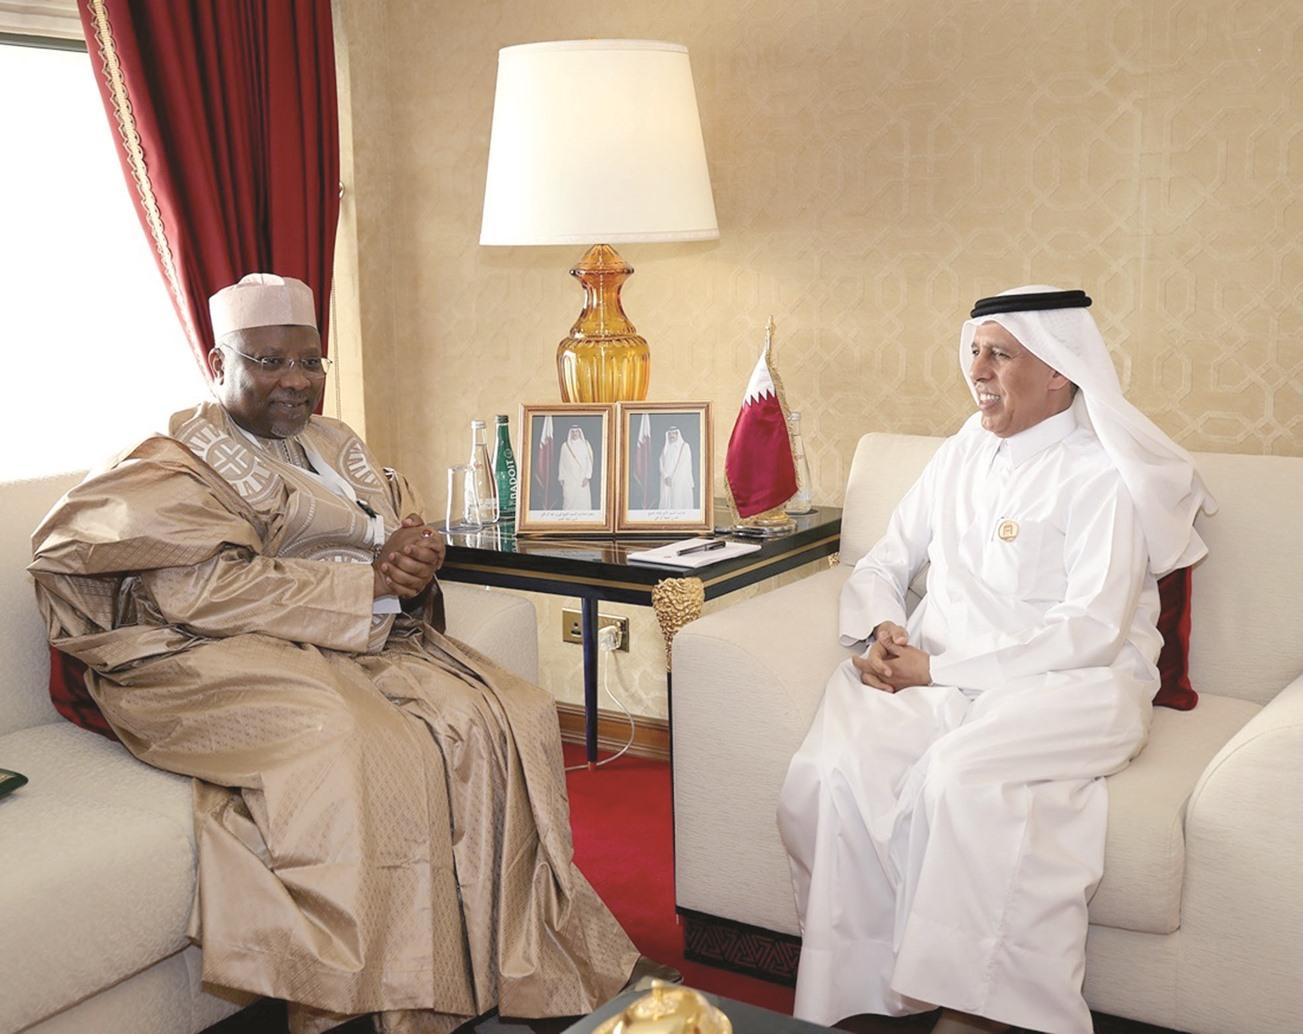 أمين عام الاتحاد يلتقي برئيس مجلس الشورى بدولة قطر